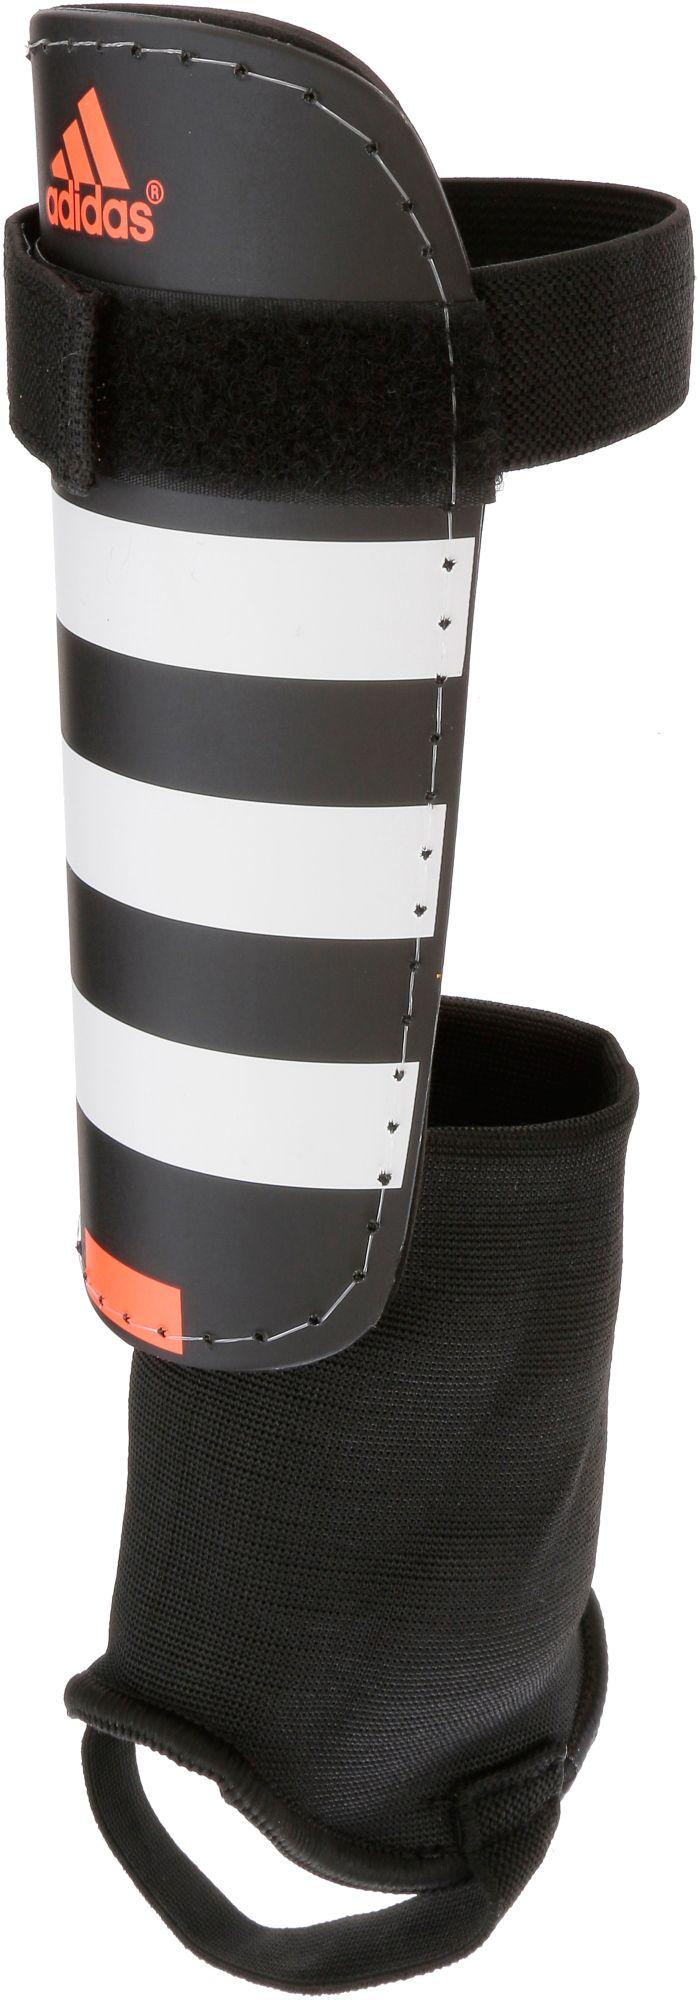 Everclub Schienbeinschoner in schwarz, Größe L